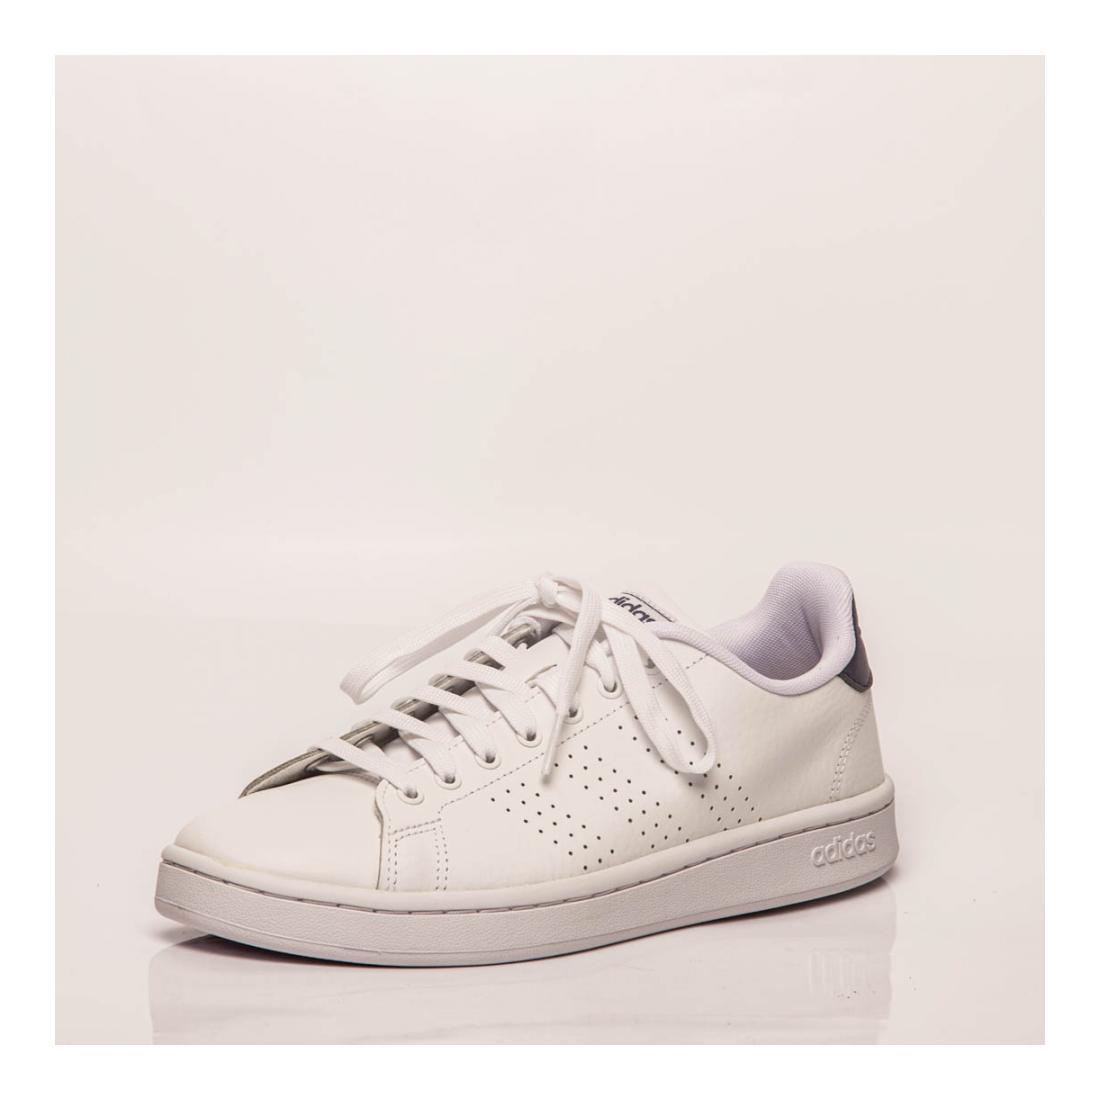 adidas Sneaker low F36423-000 Advange